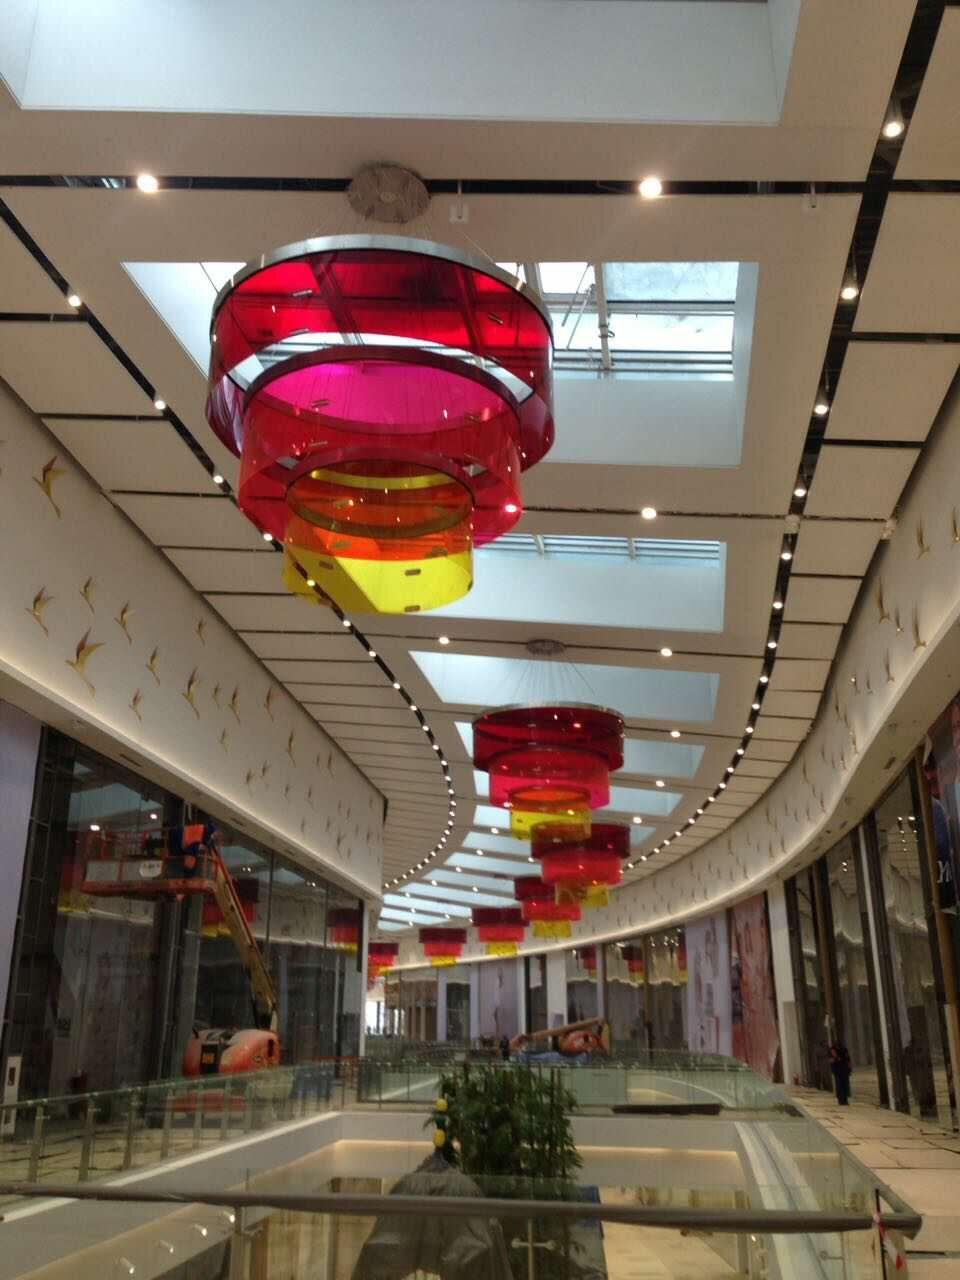 chandelier lighting for shopping mall in kz (1).jpg